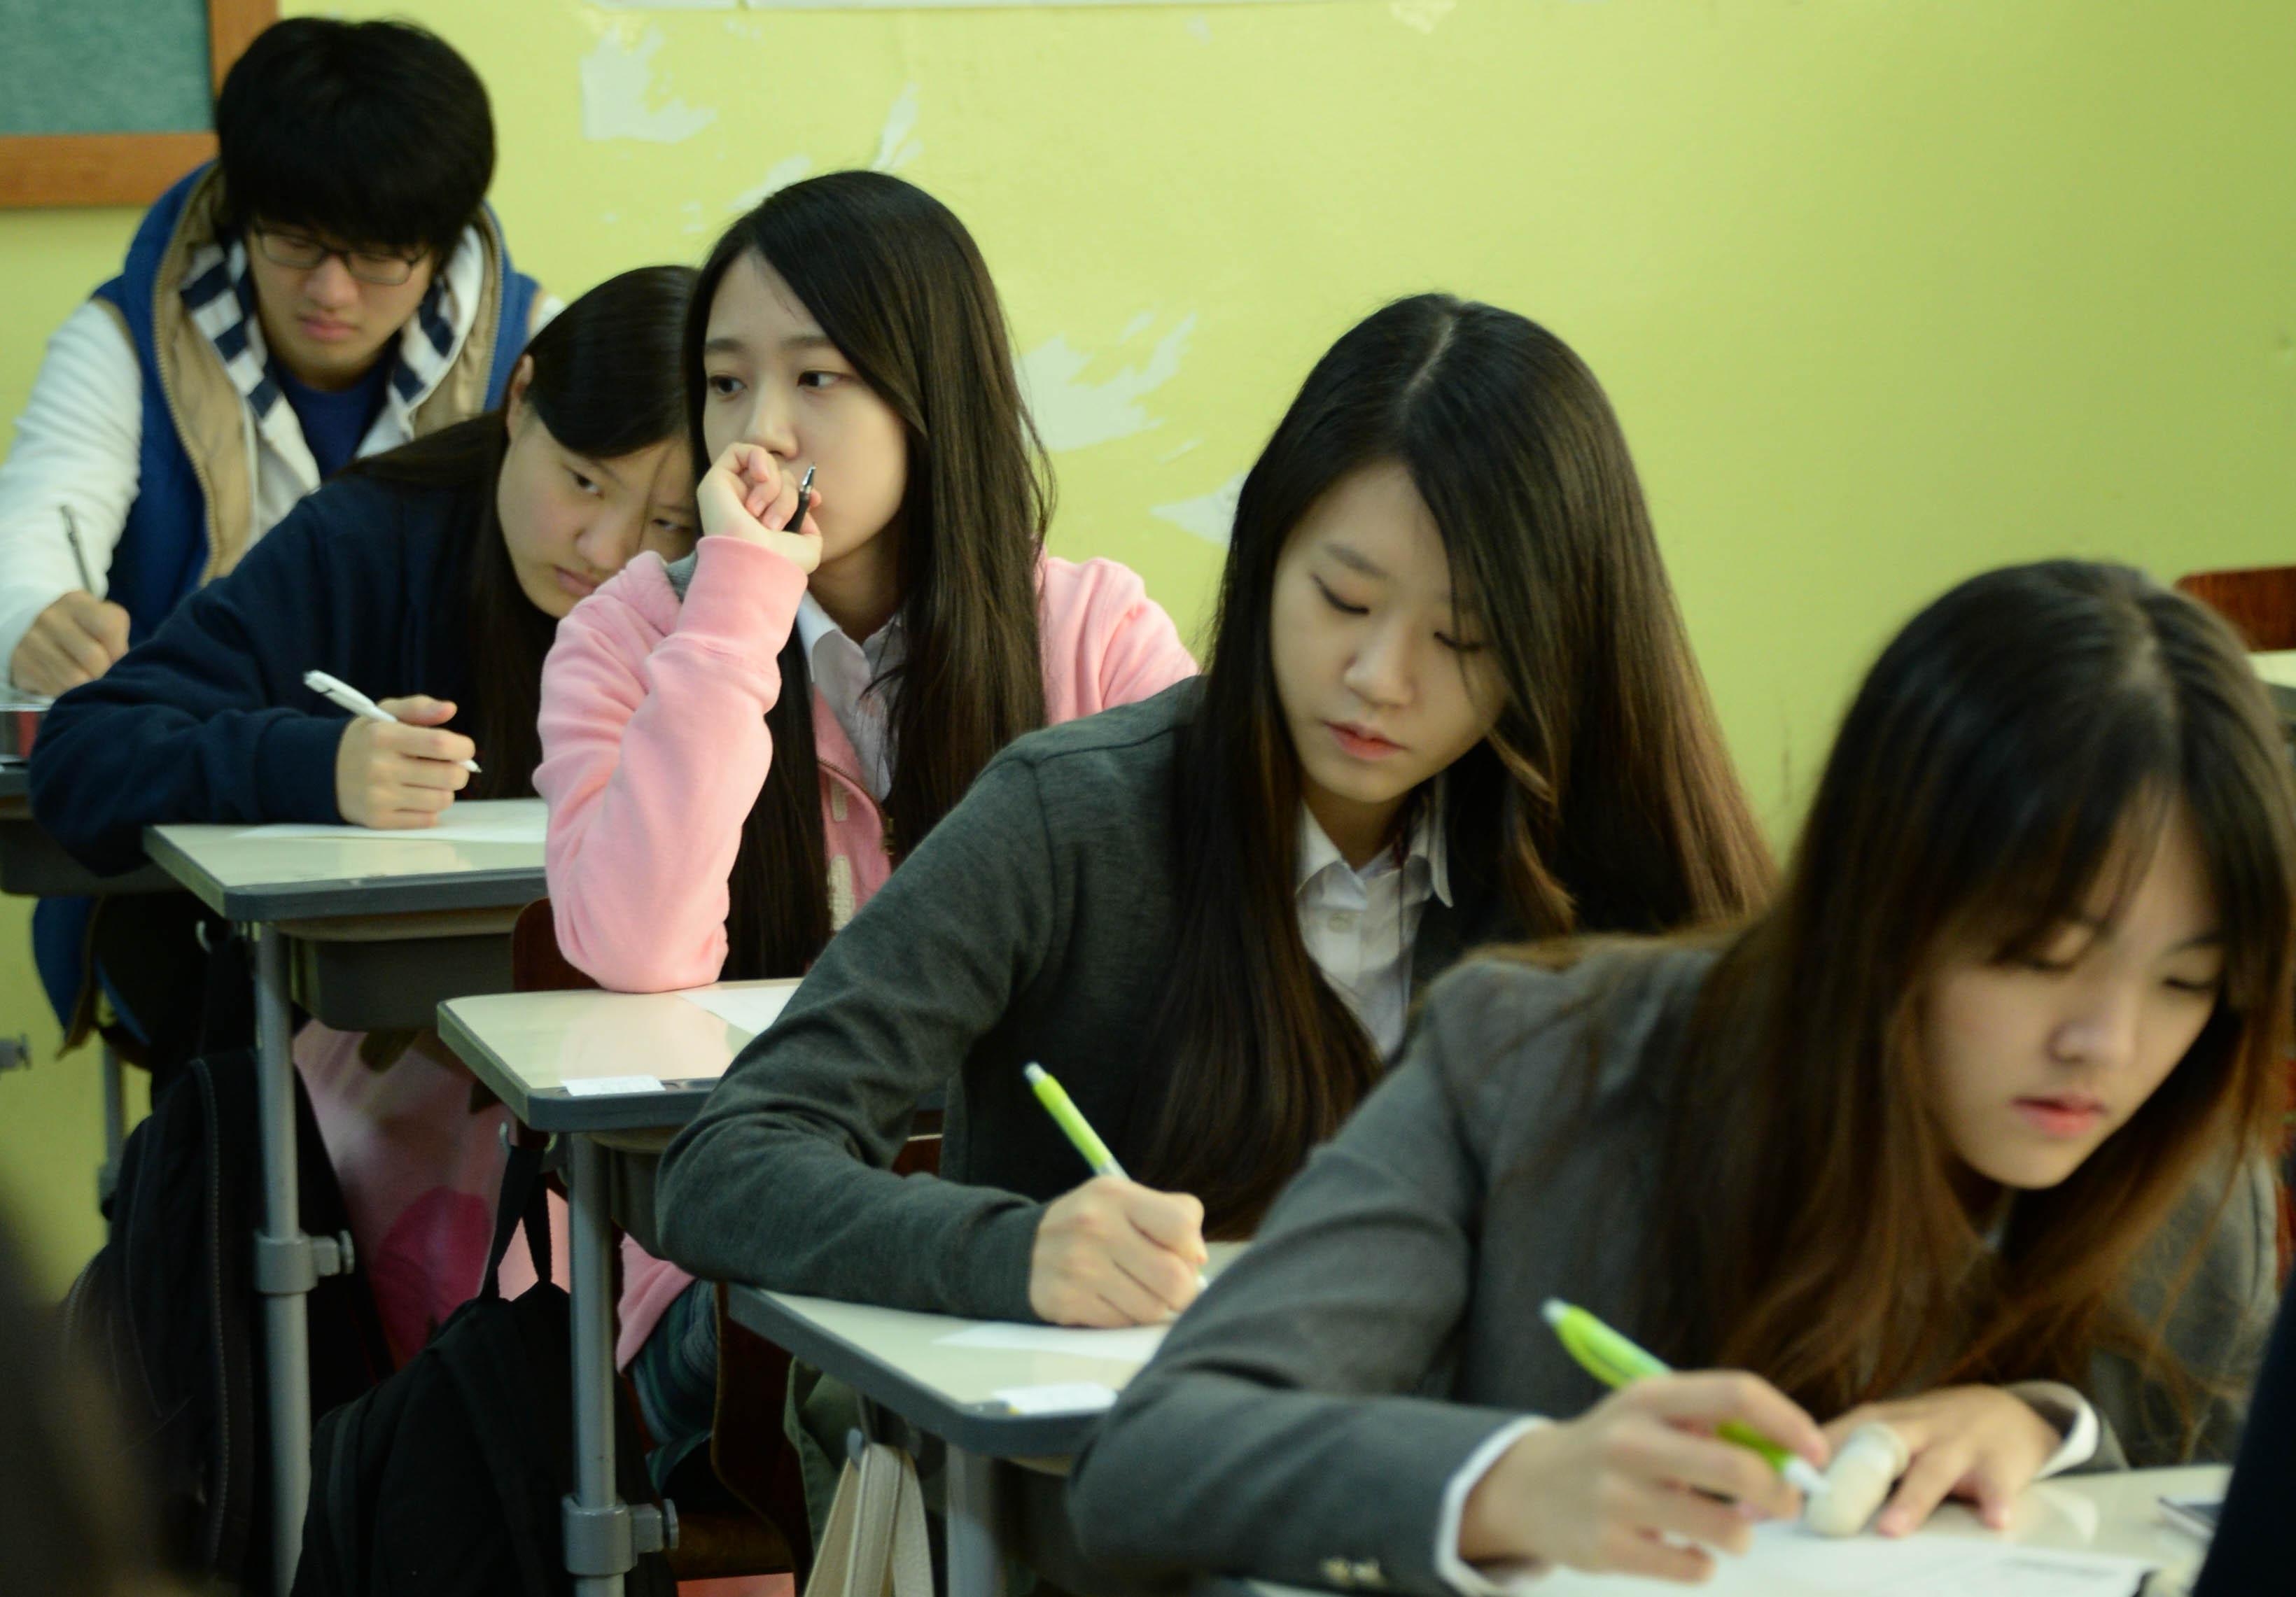 Чтобы поступить впрестижный ВУЗ, корейские школьники иих родители готовы намногое— иногда даже намошенничество.